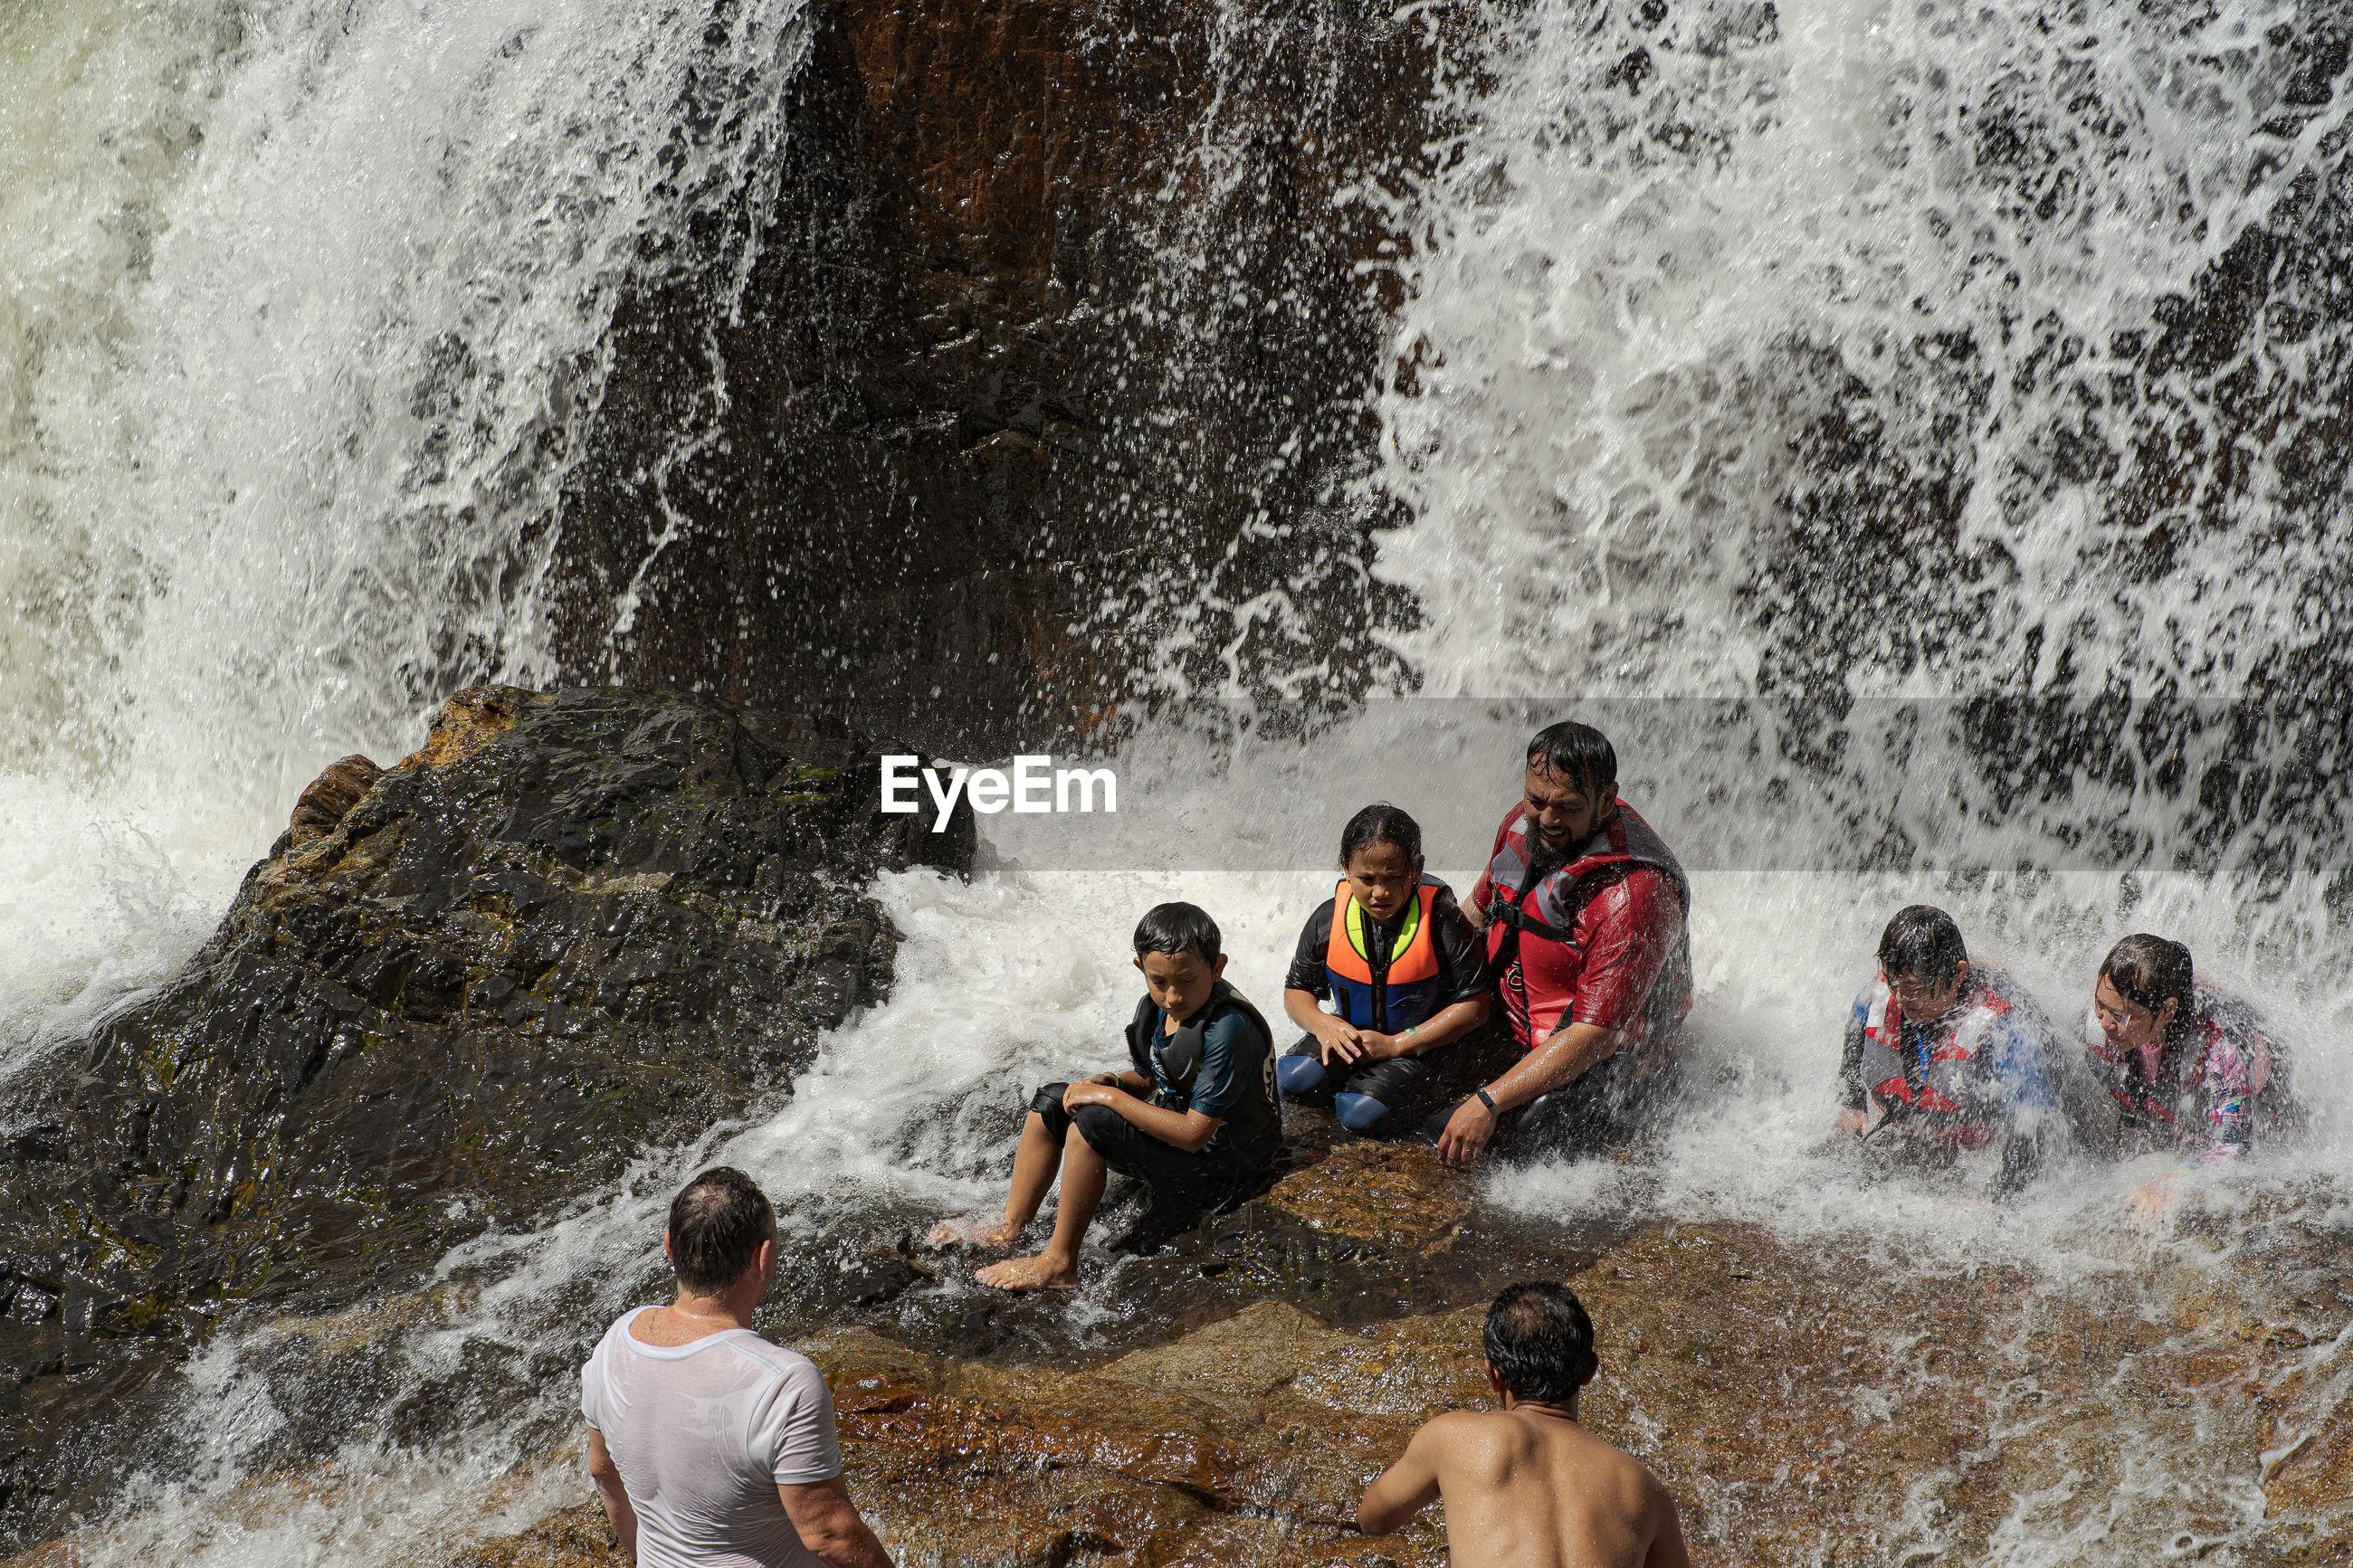 GROUP OF PEOPLE ENJOYING AT WATER